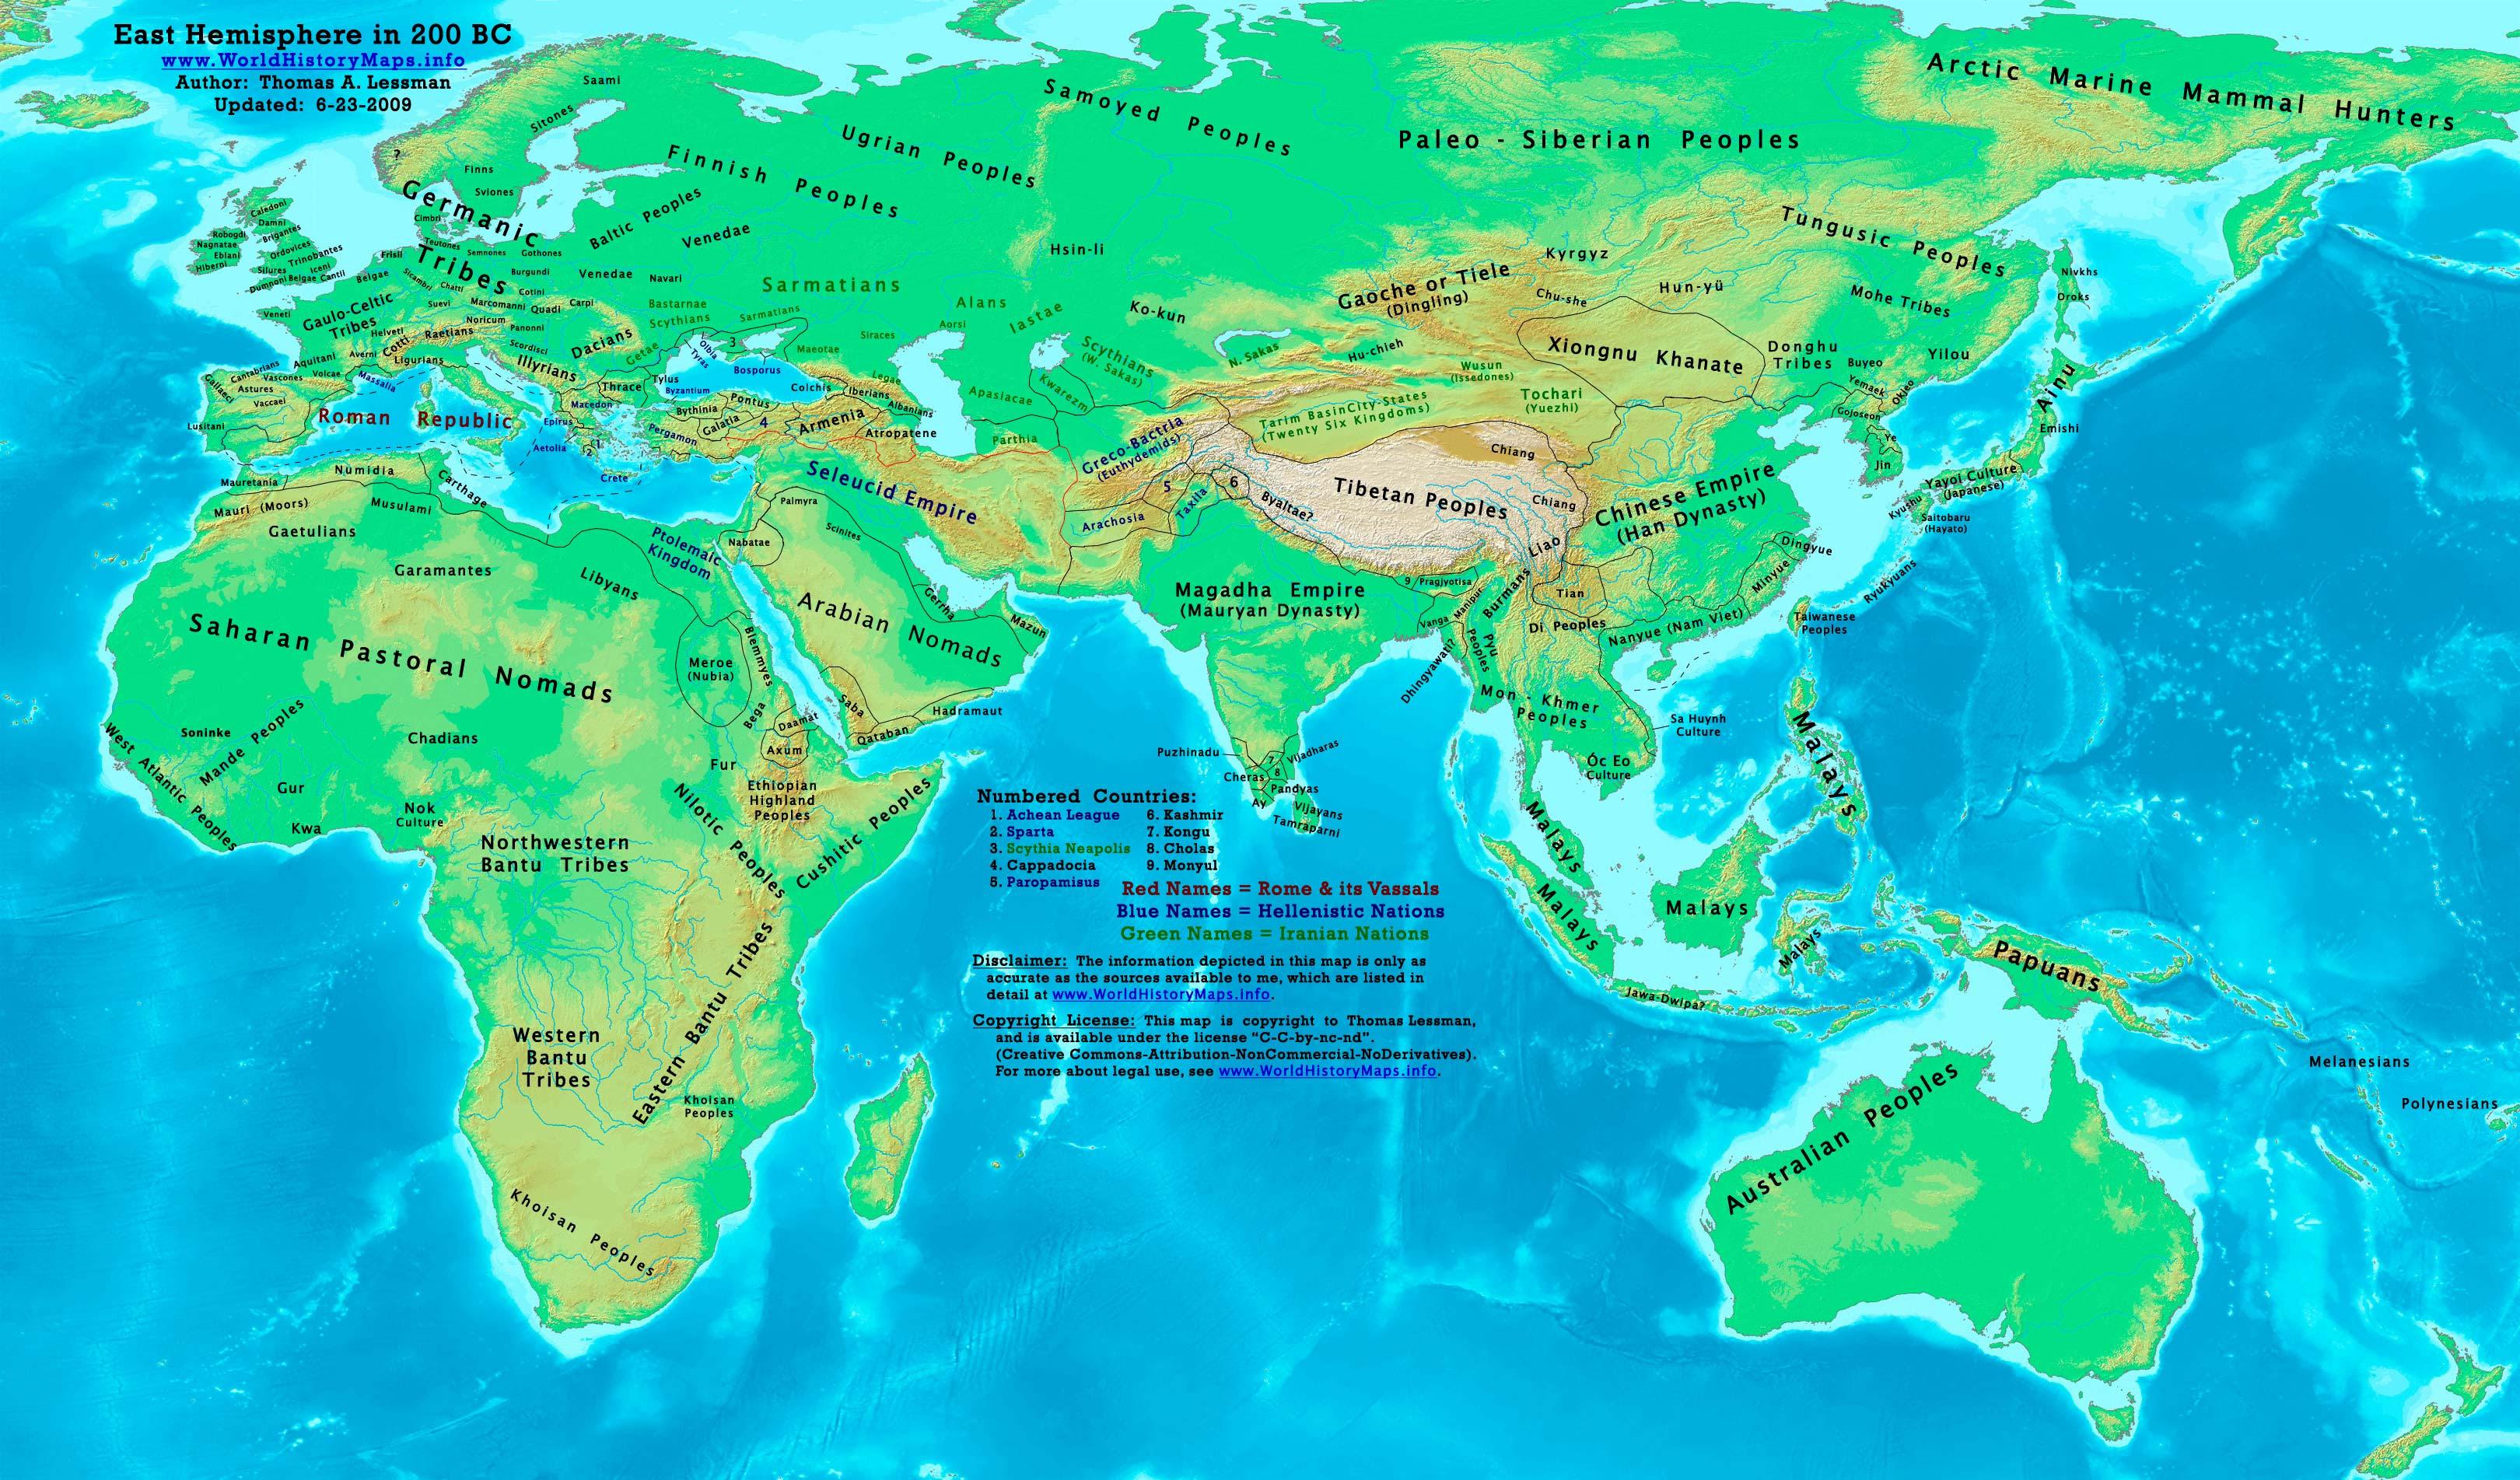 http://worldhistorymaps.info/images/East-Hem_200bc.jpg